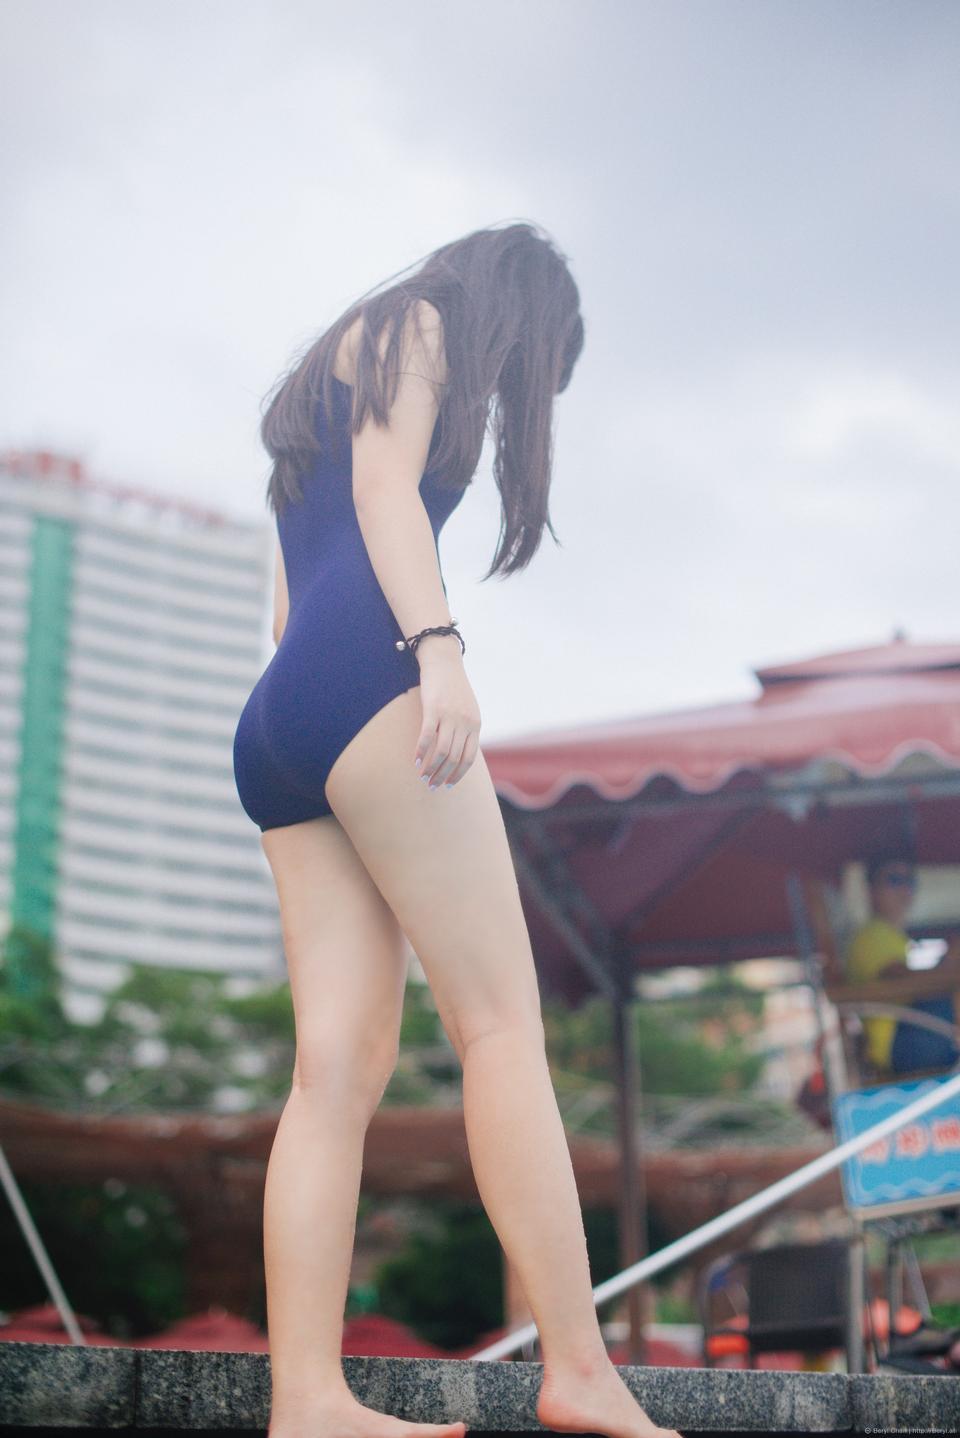 Красивая девушка в купальных костюмах отдыхает у бассейна